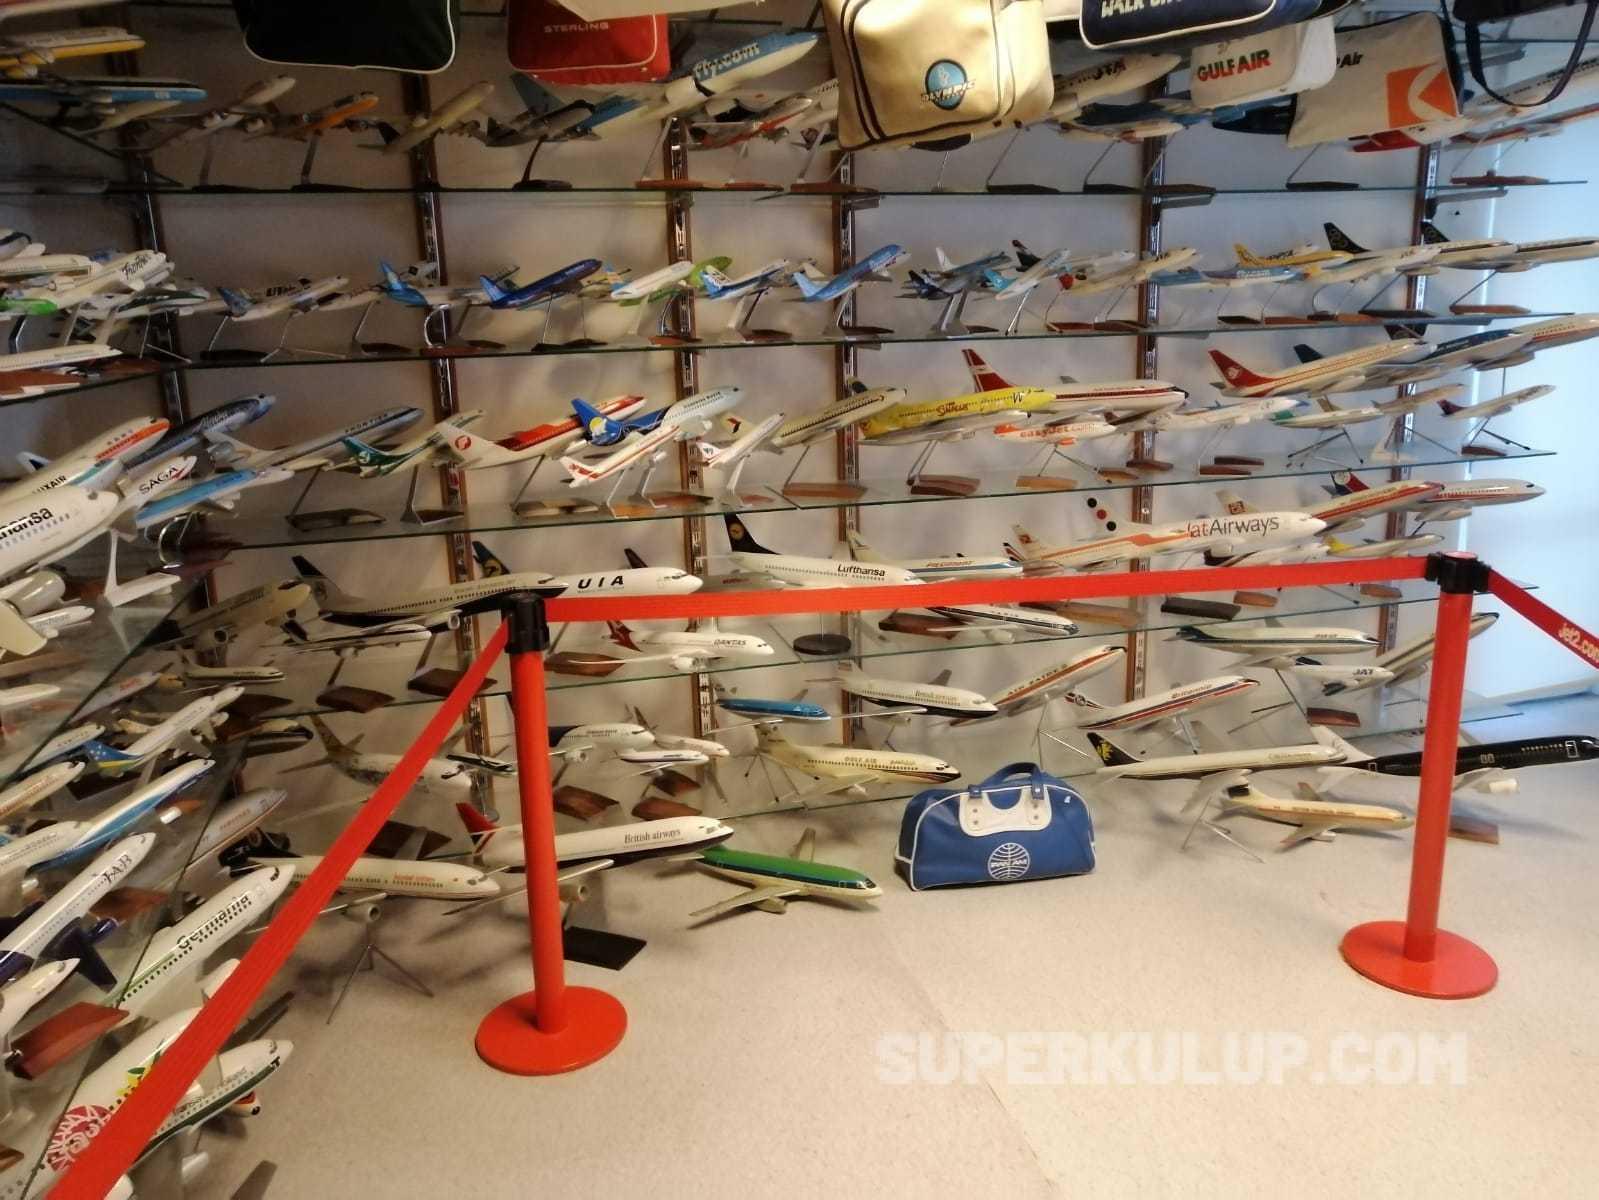 IMG 20210205 WA0073 - İşadamı Gökhan Sarıgöl'ün 2.5 milyon dolarlık maket uçağı var!